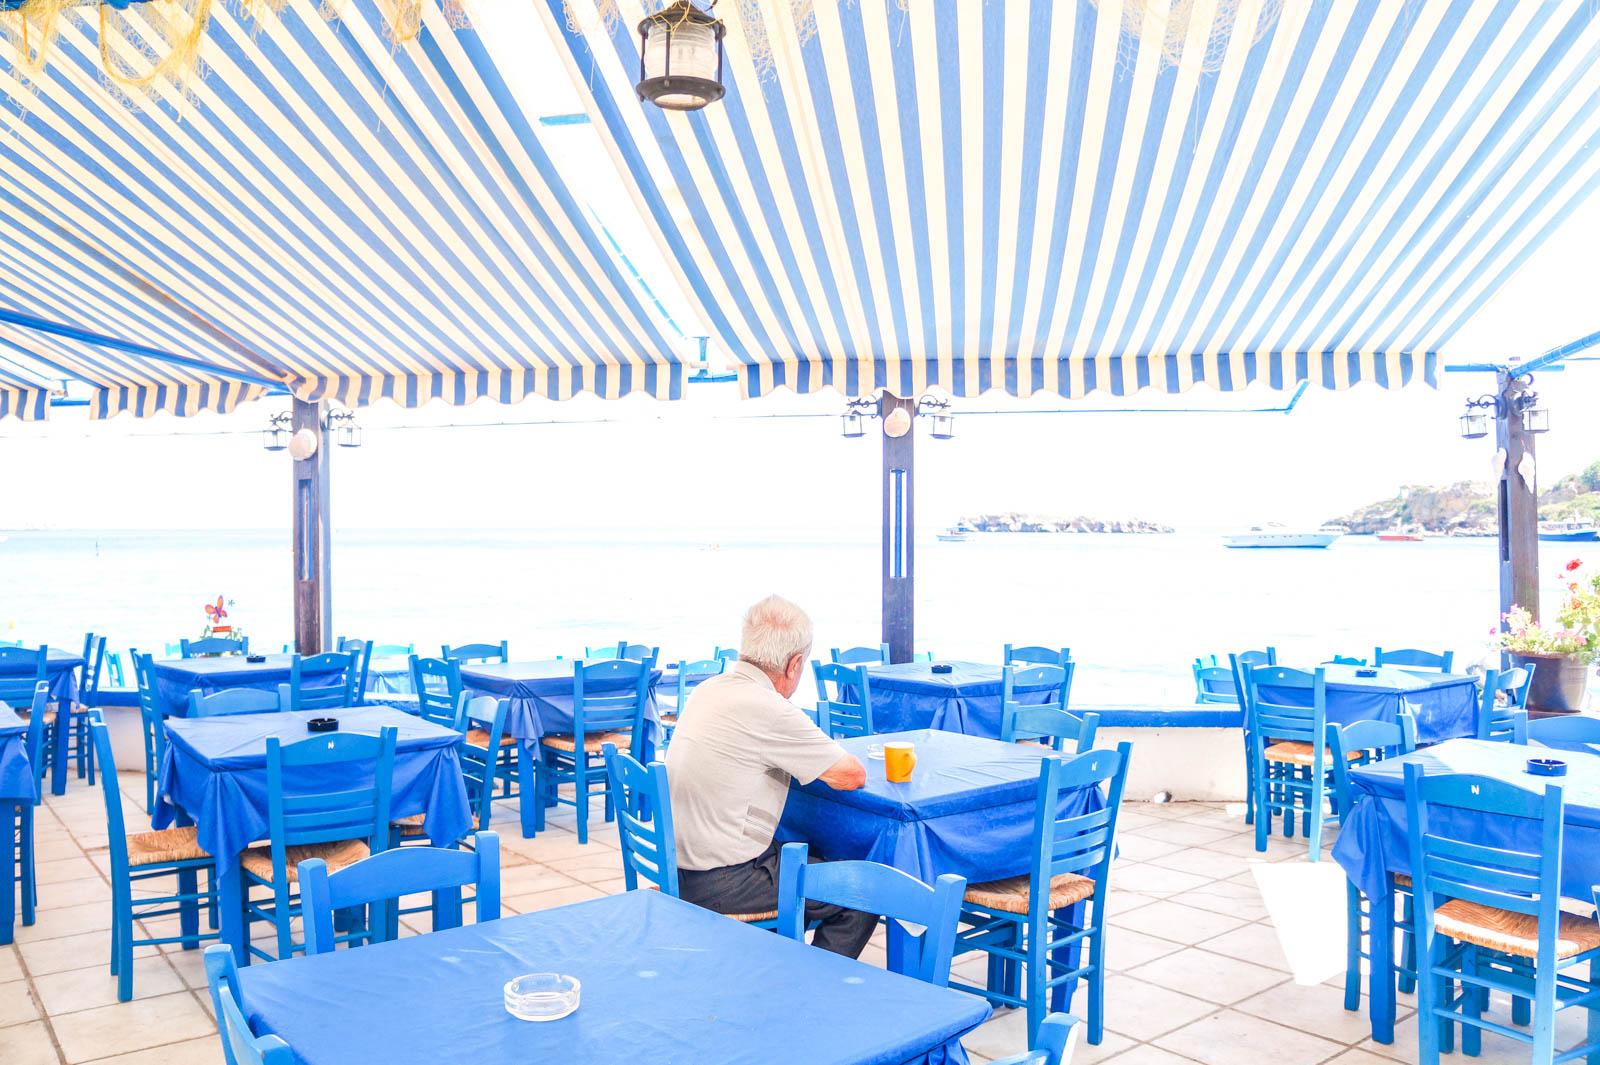 loutro-crete-greece-la-vie-en-blog-all-rights-reserved-12